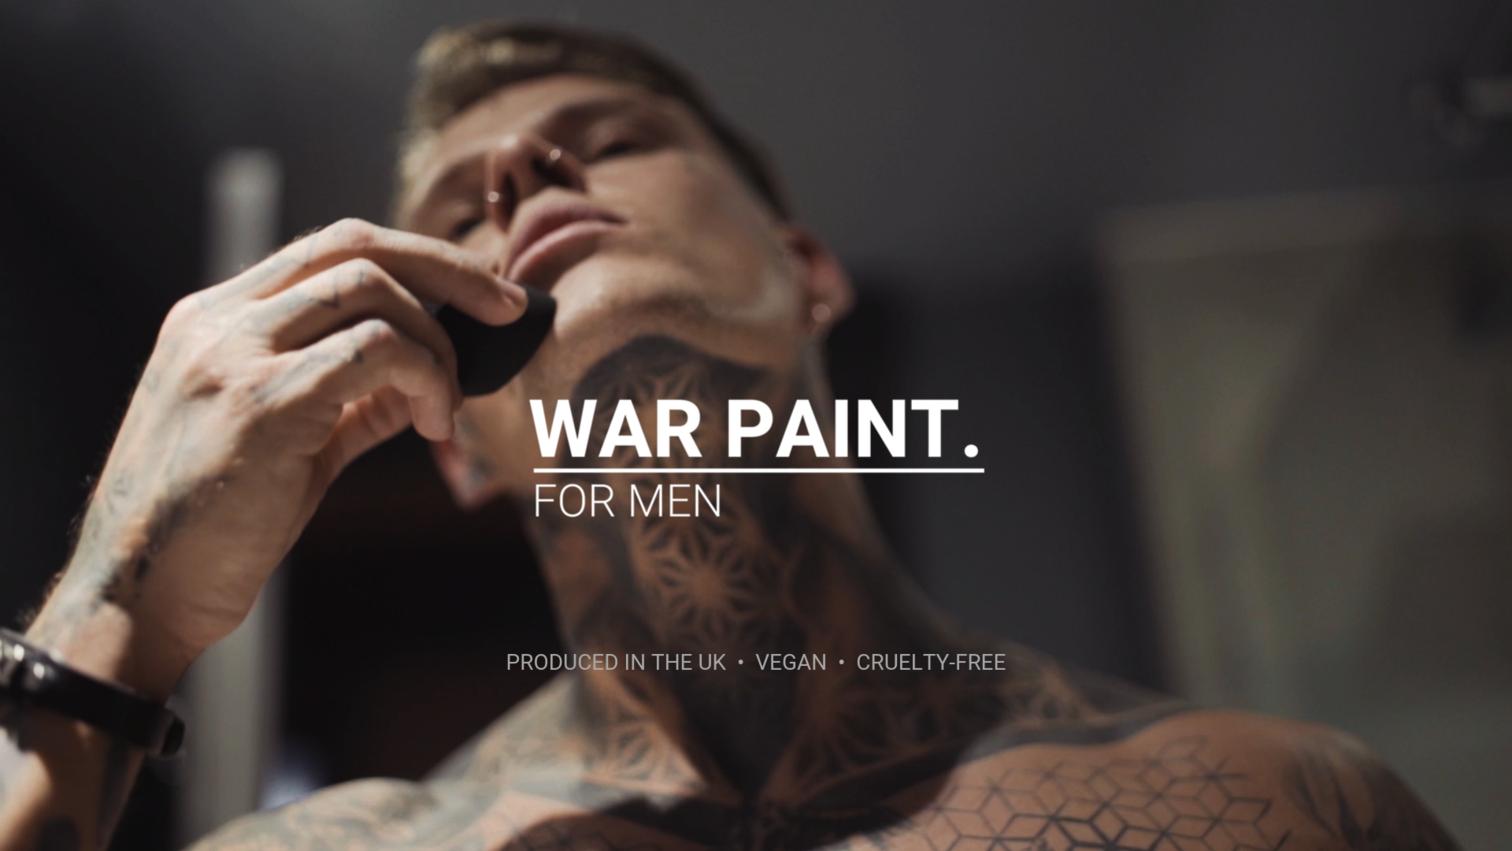 War Paint Makeup For Men Latest in Violent Branding ...